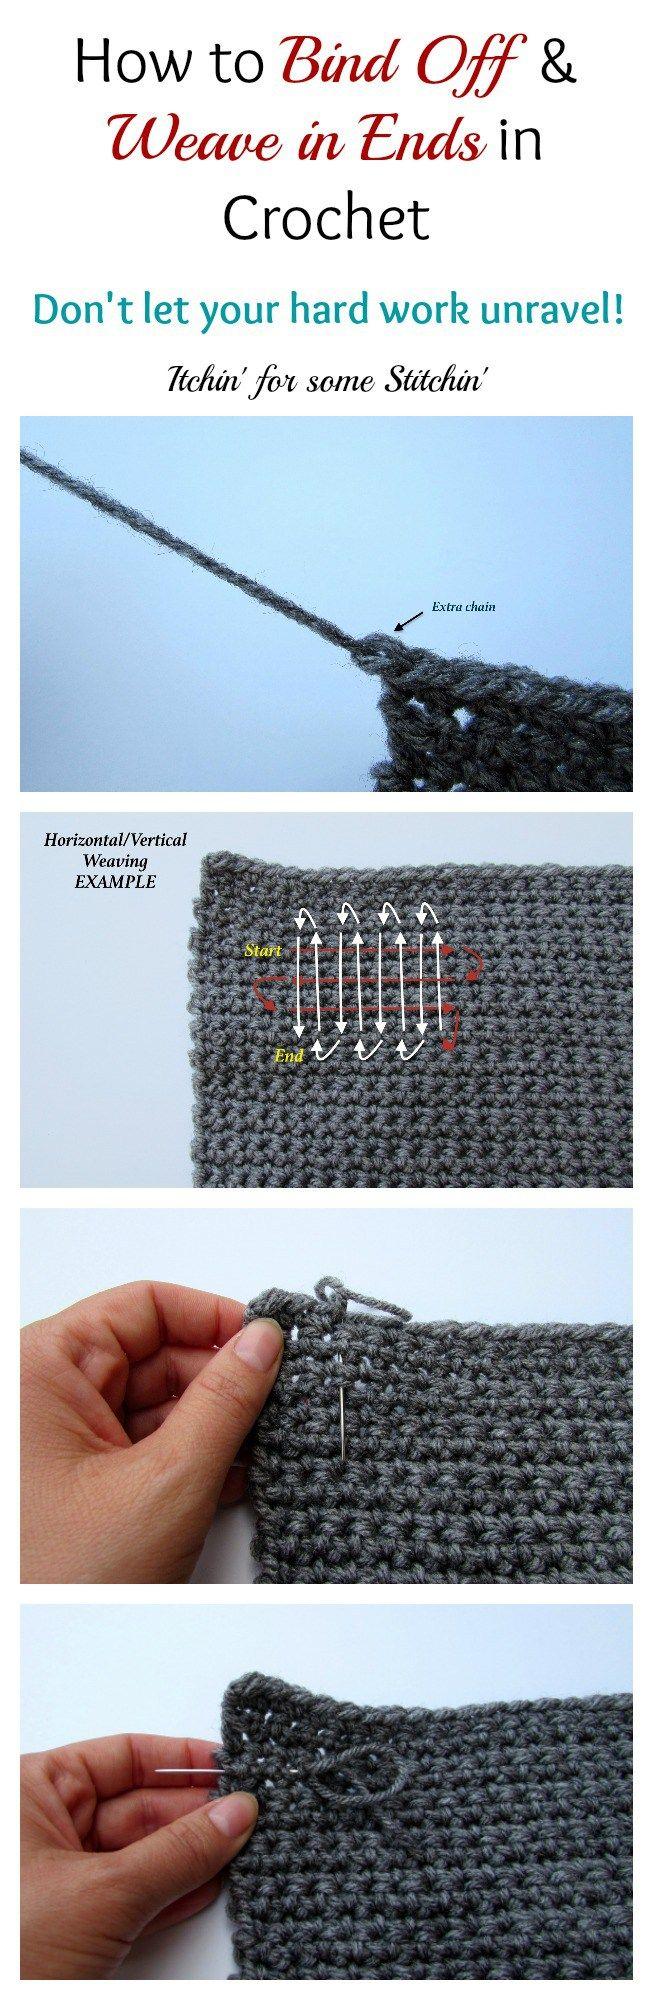 How to Bind Off and Weave in Ends in Crochet | Häkeln, Handarbeiten ...